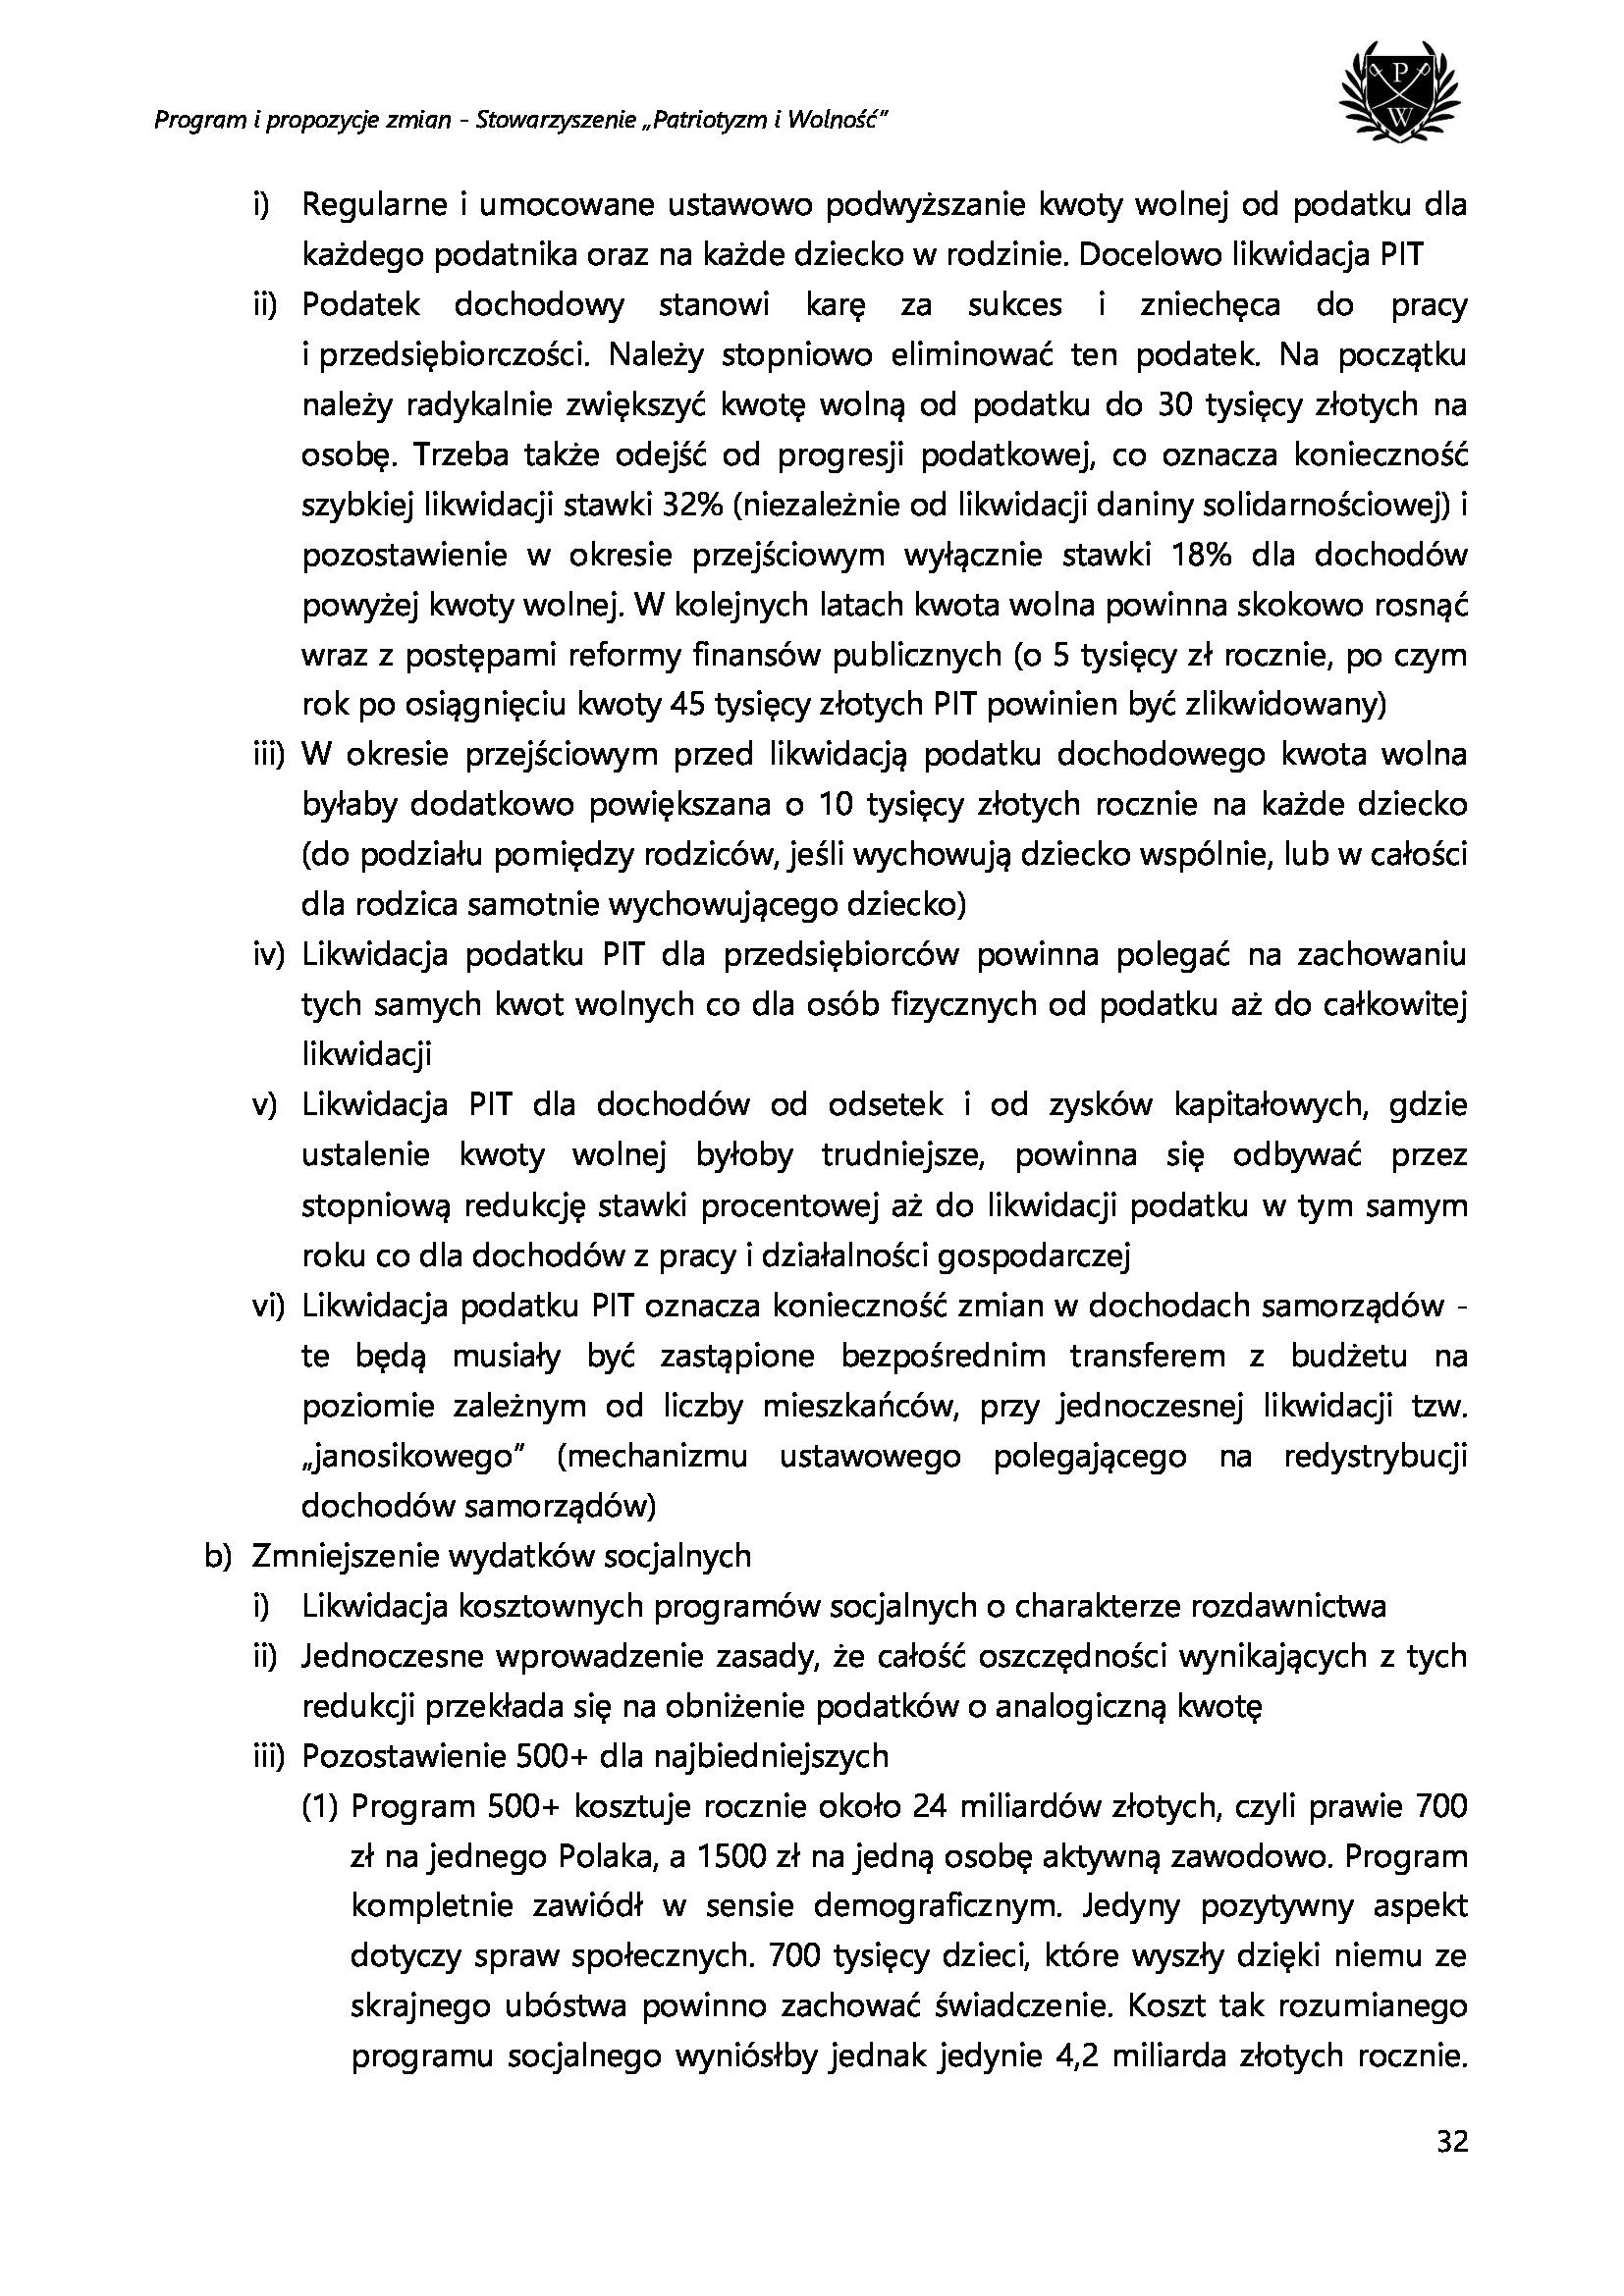 db9e272ef5a9a2e66d26f1905be6c507-32